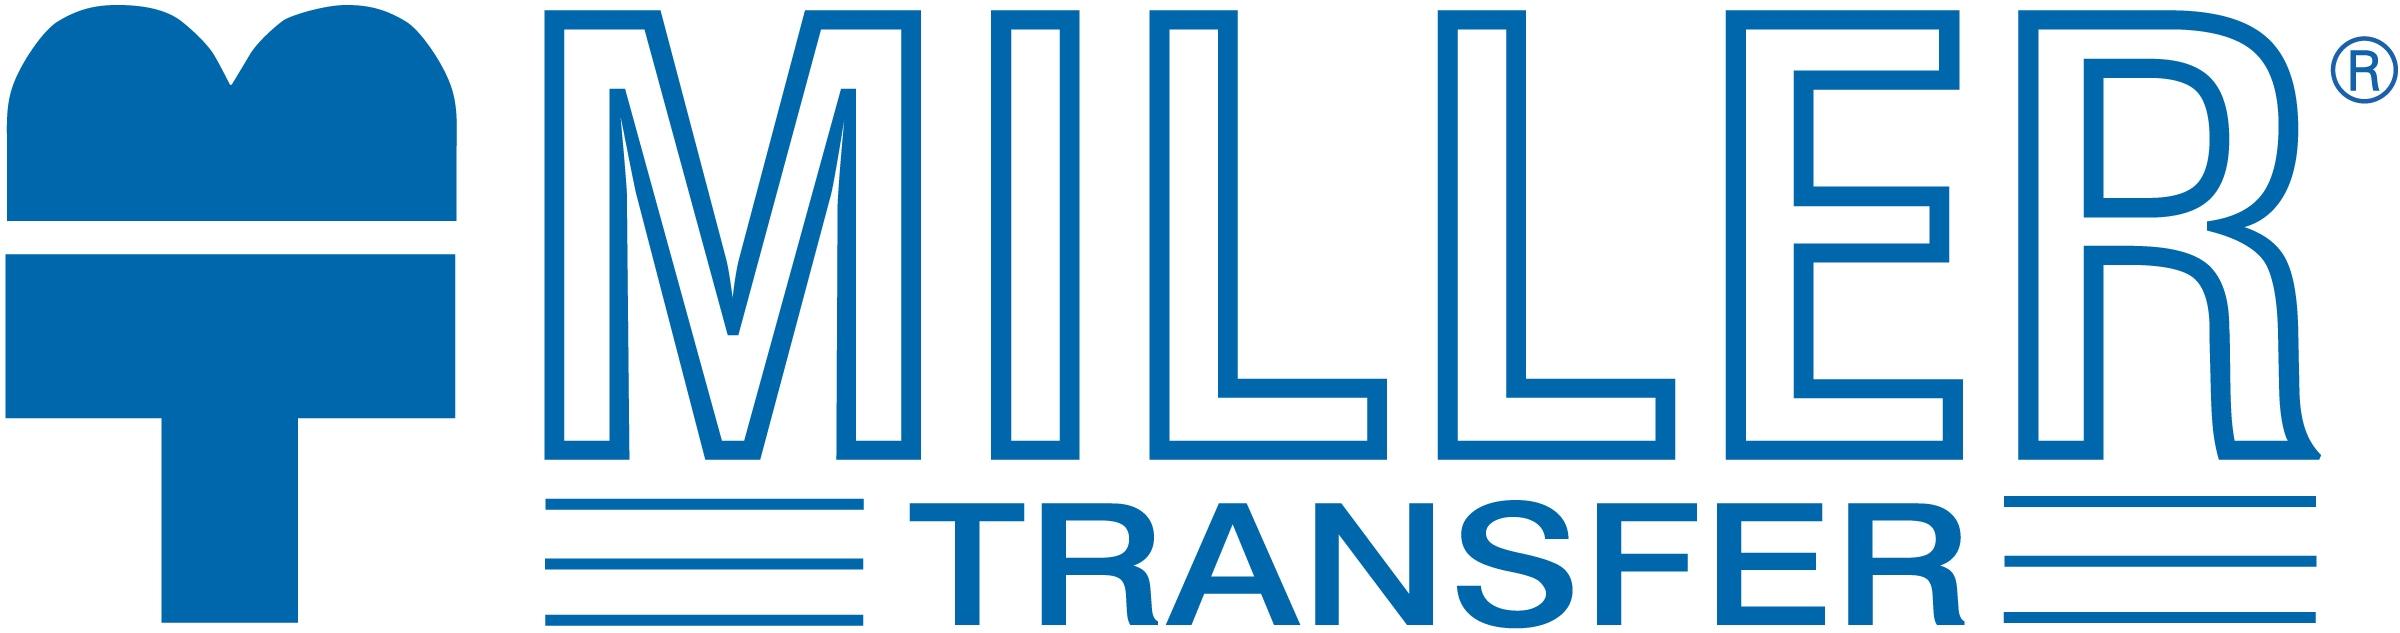 Miller Transfer Trademark